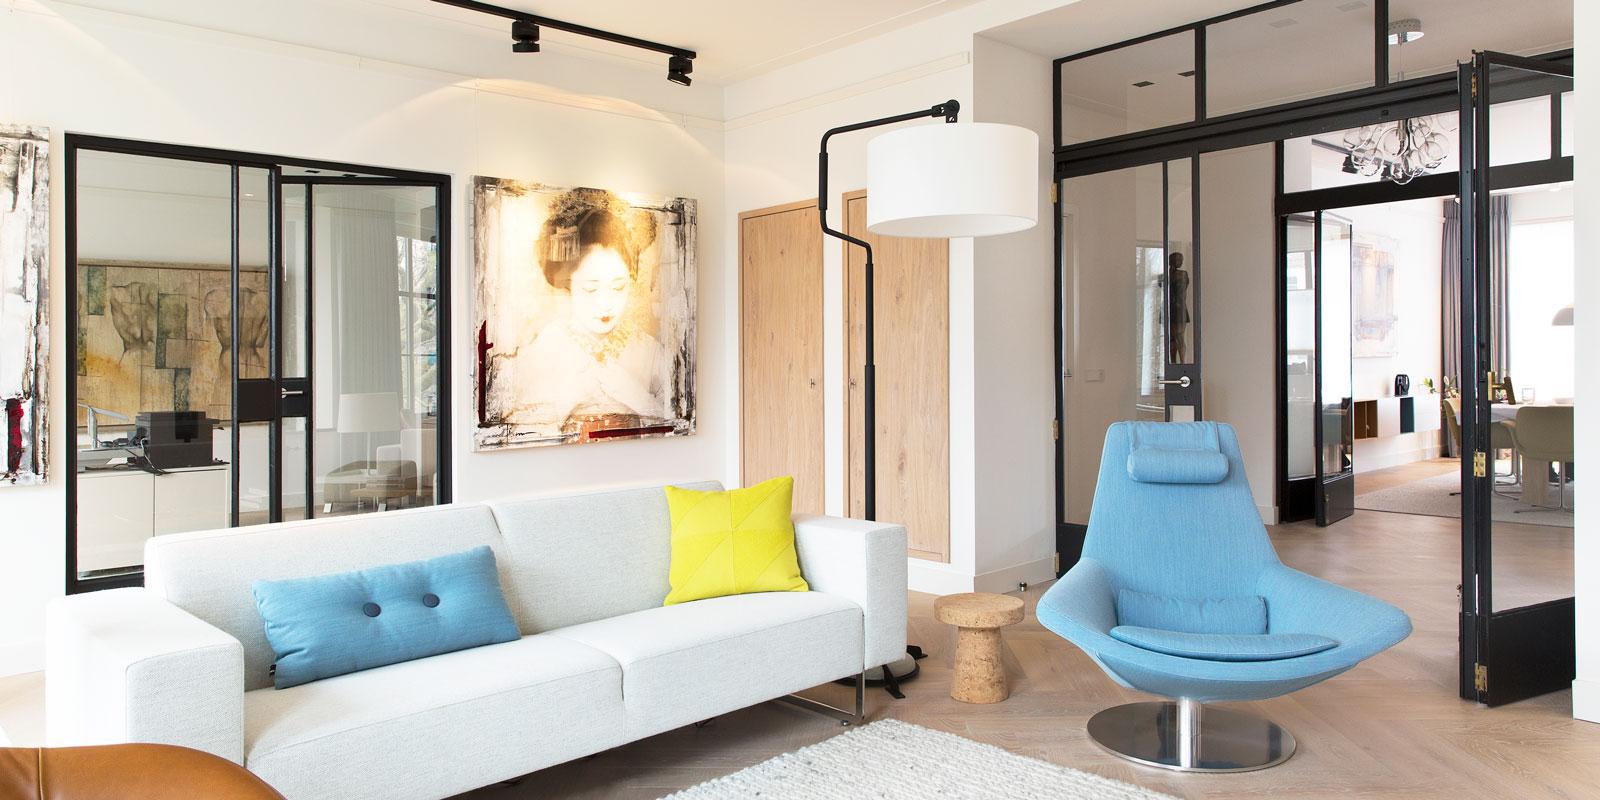 Woonkamer, living, stalen deuren, houten vloer, zithoek, stadsappartement, BNLA architecten